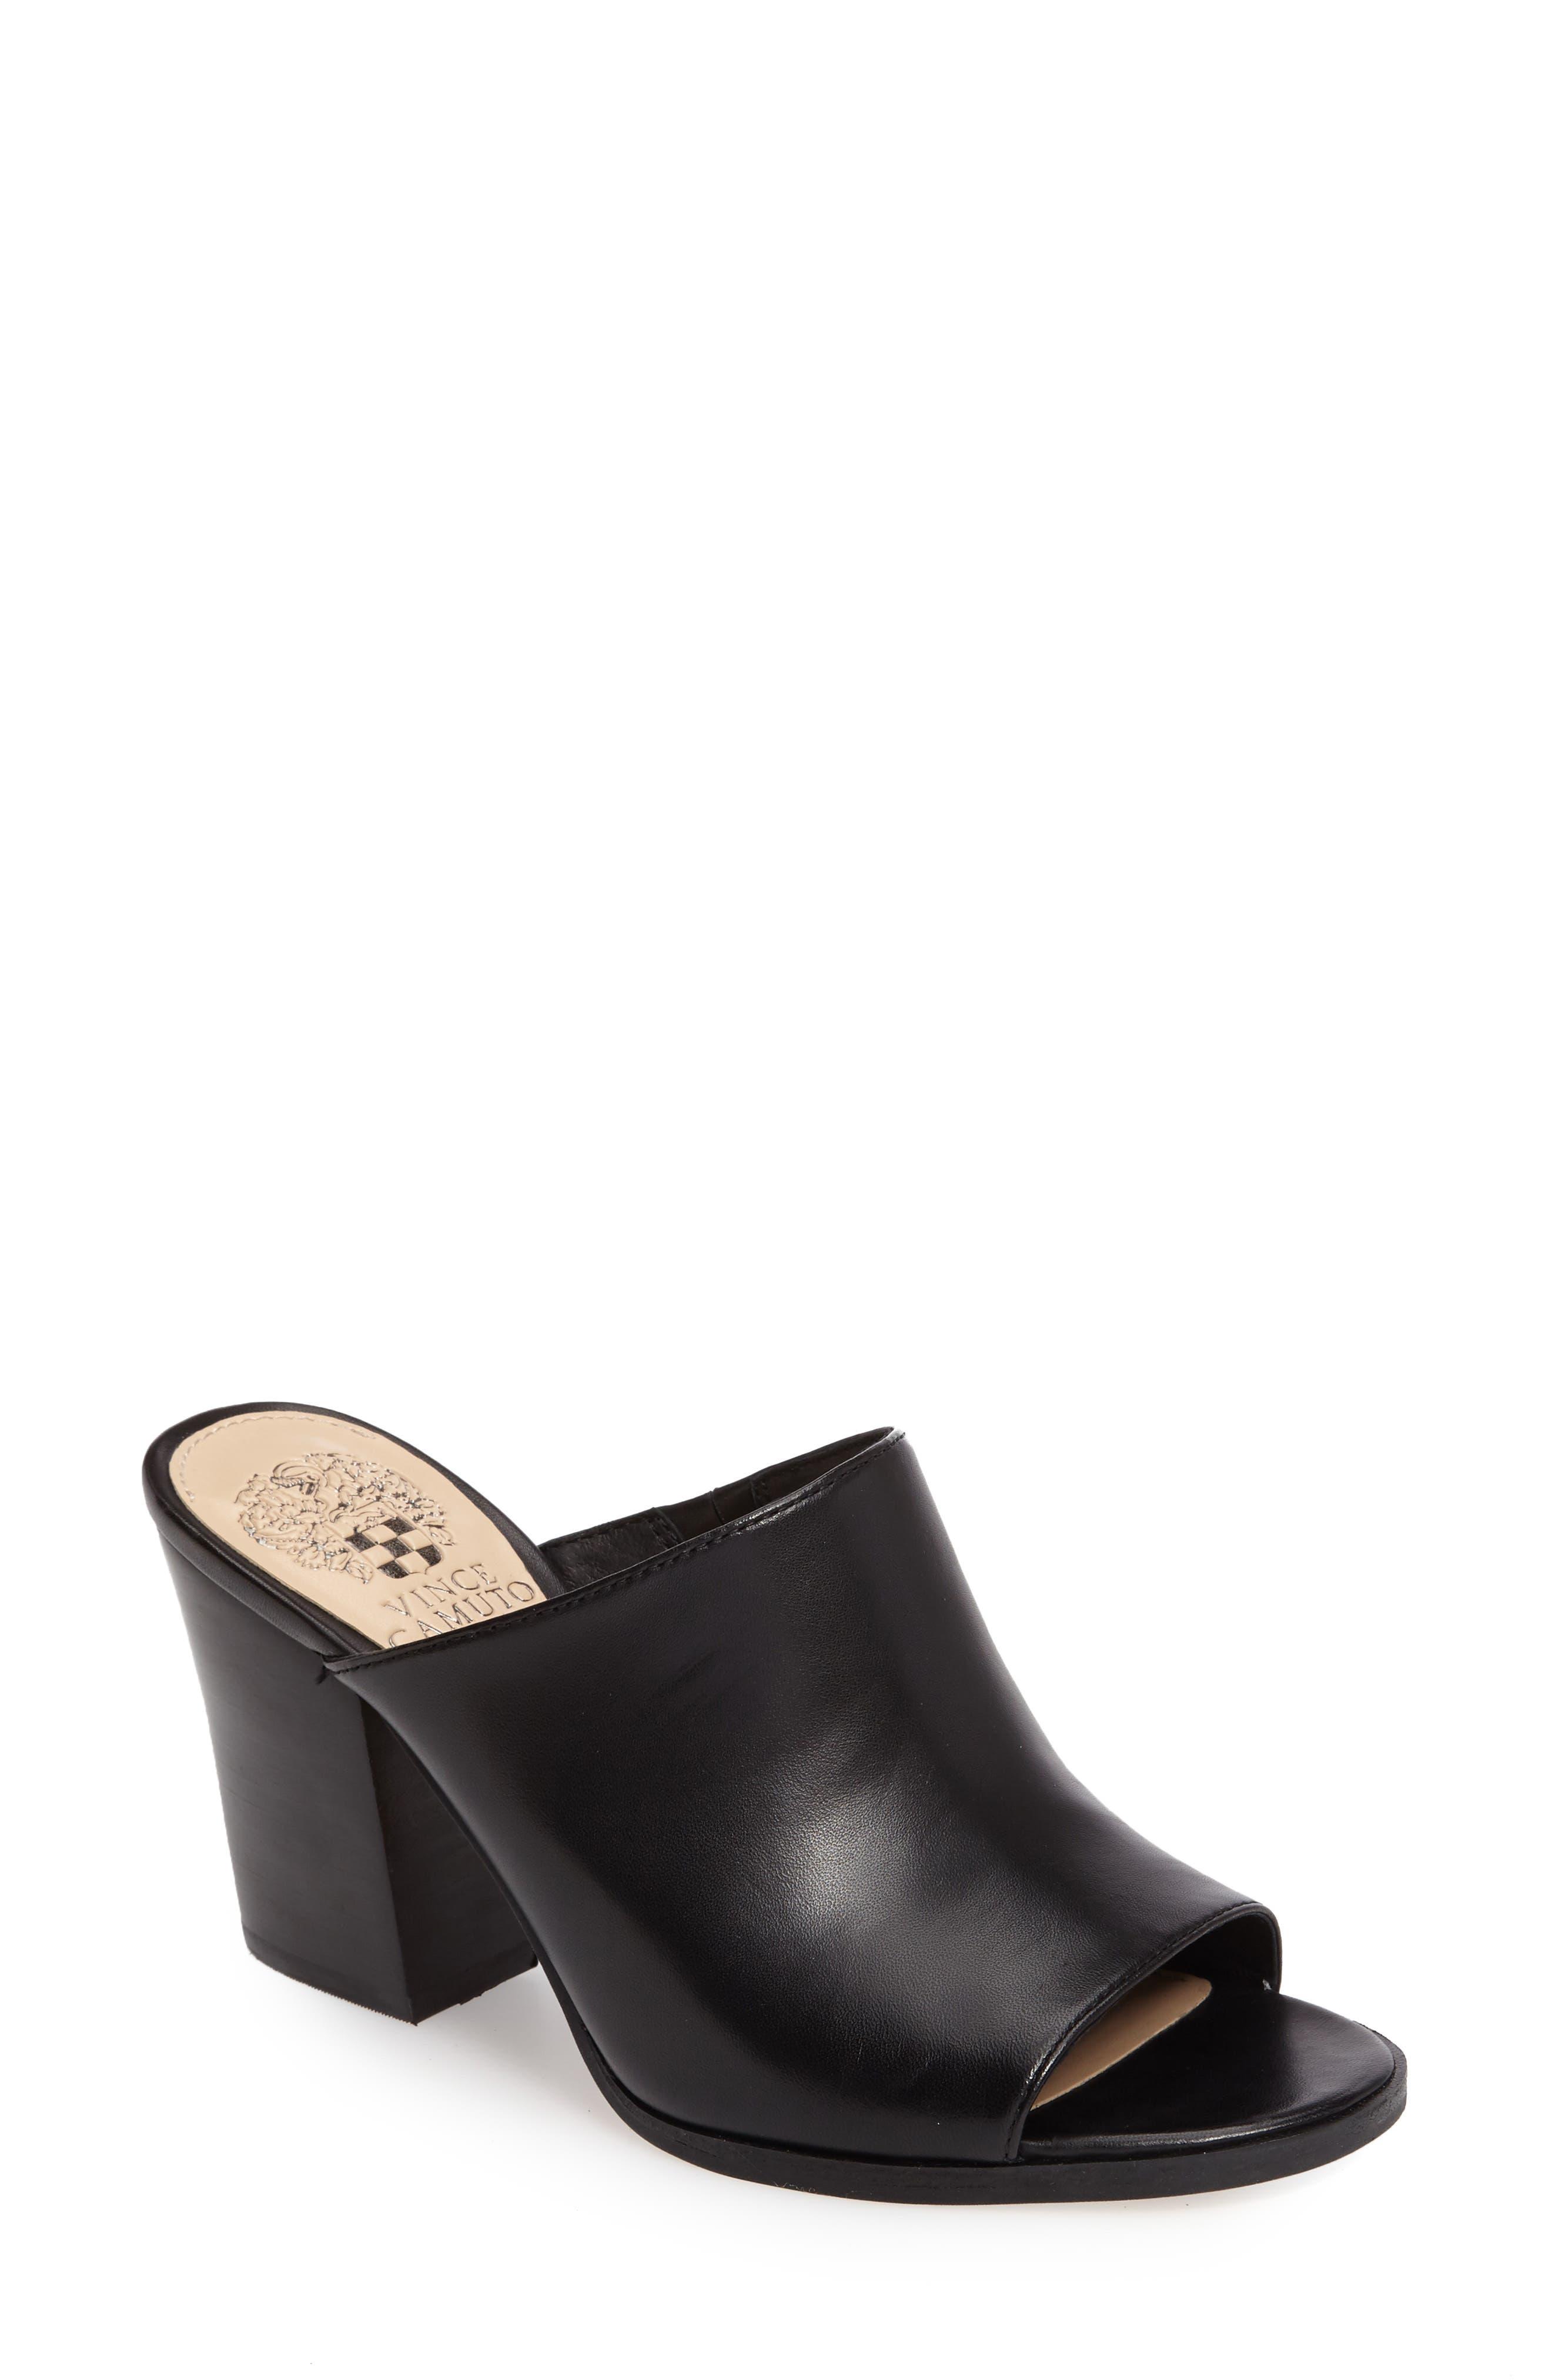 VINCE CAMUTO Anabi Backless Sandal